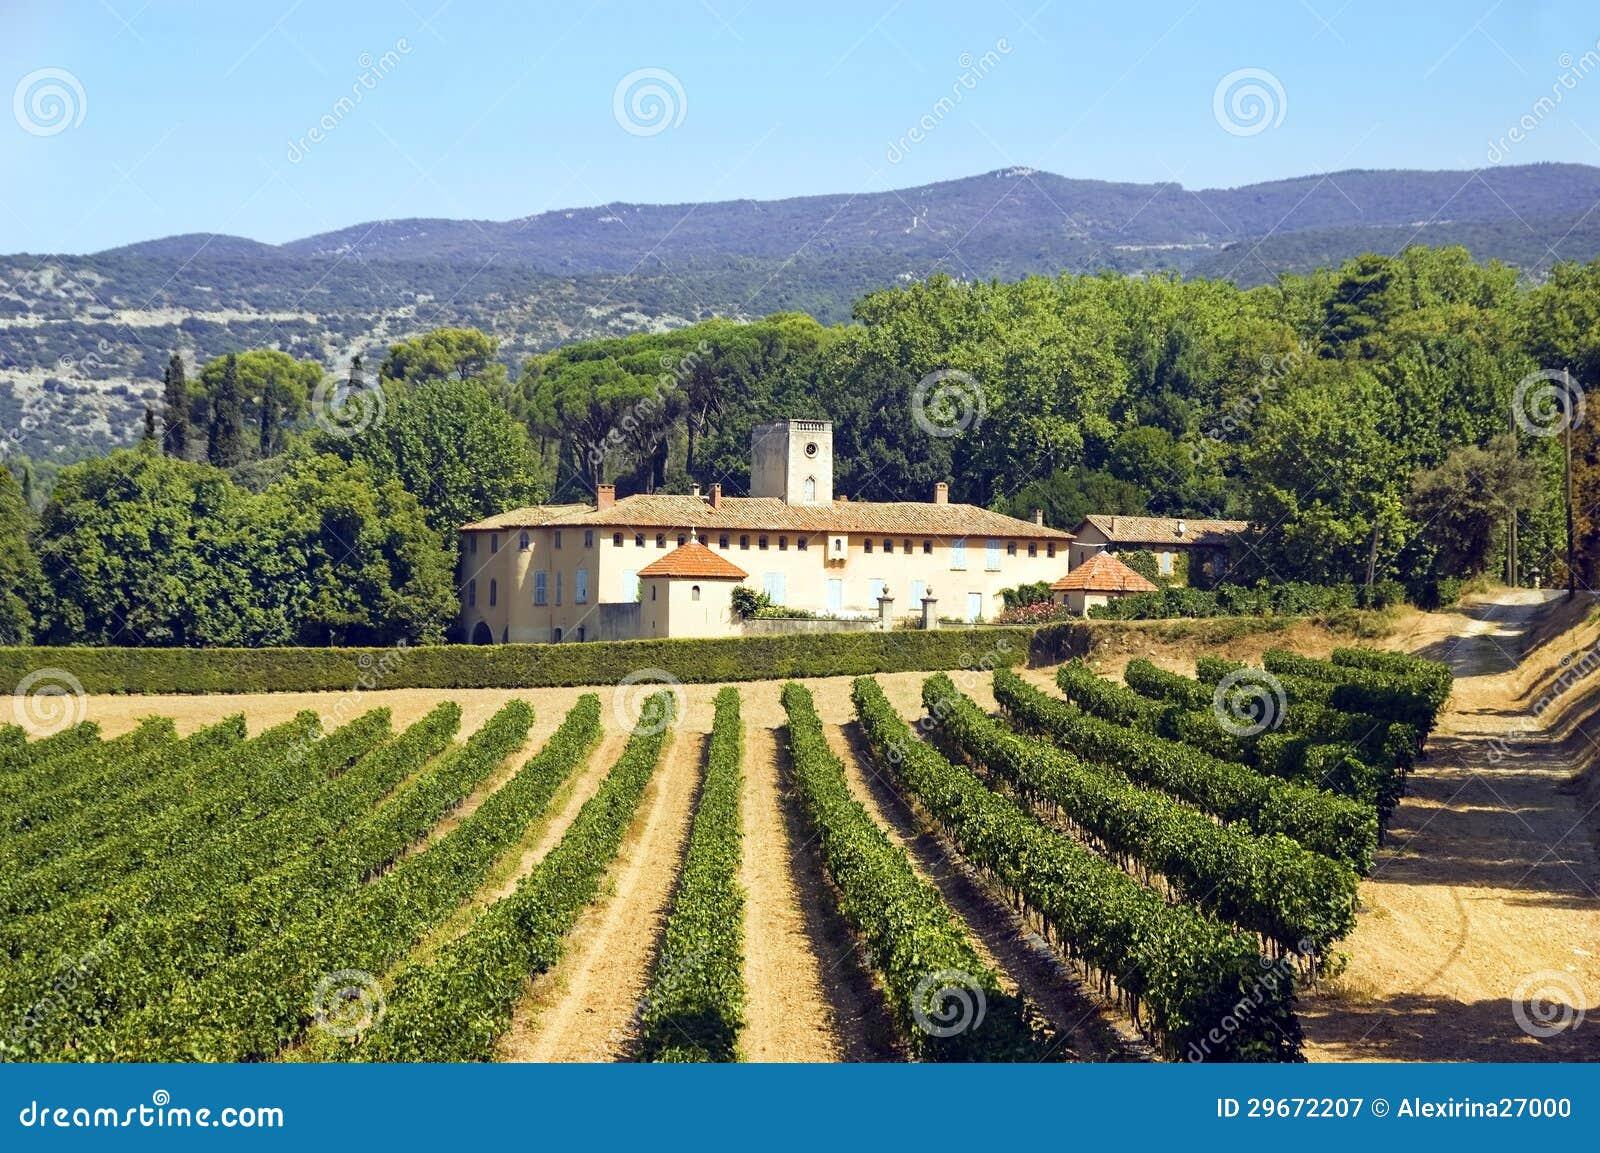 Vieux maison et vignoble dans la région de Luberon, France